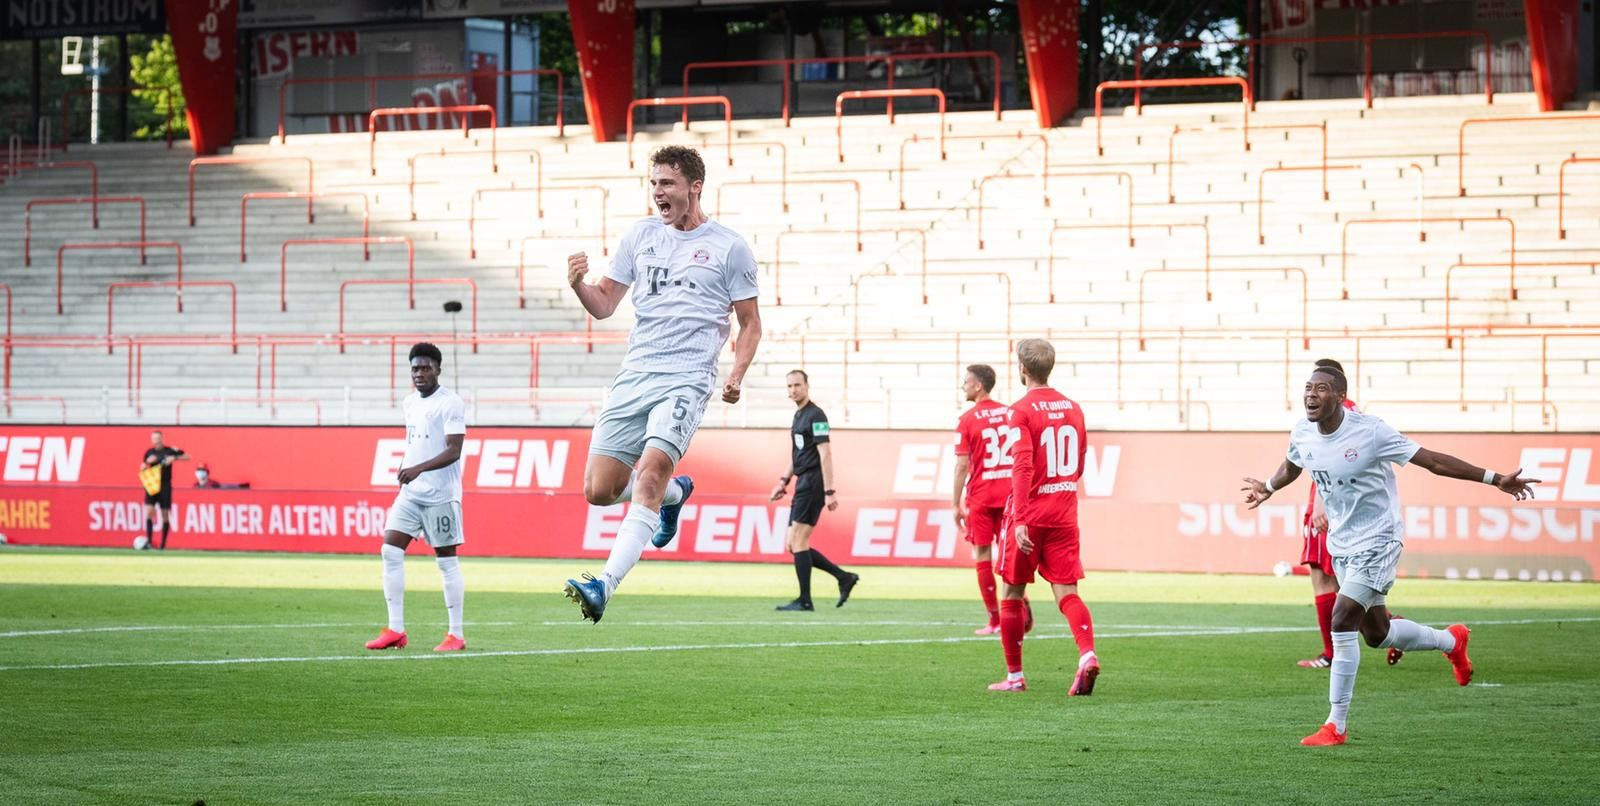 O Bayern de Munique venceu o Union por 2 a 0 neste domingo. Foto: Divulgação, Bayern